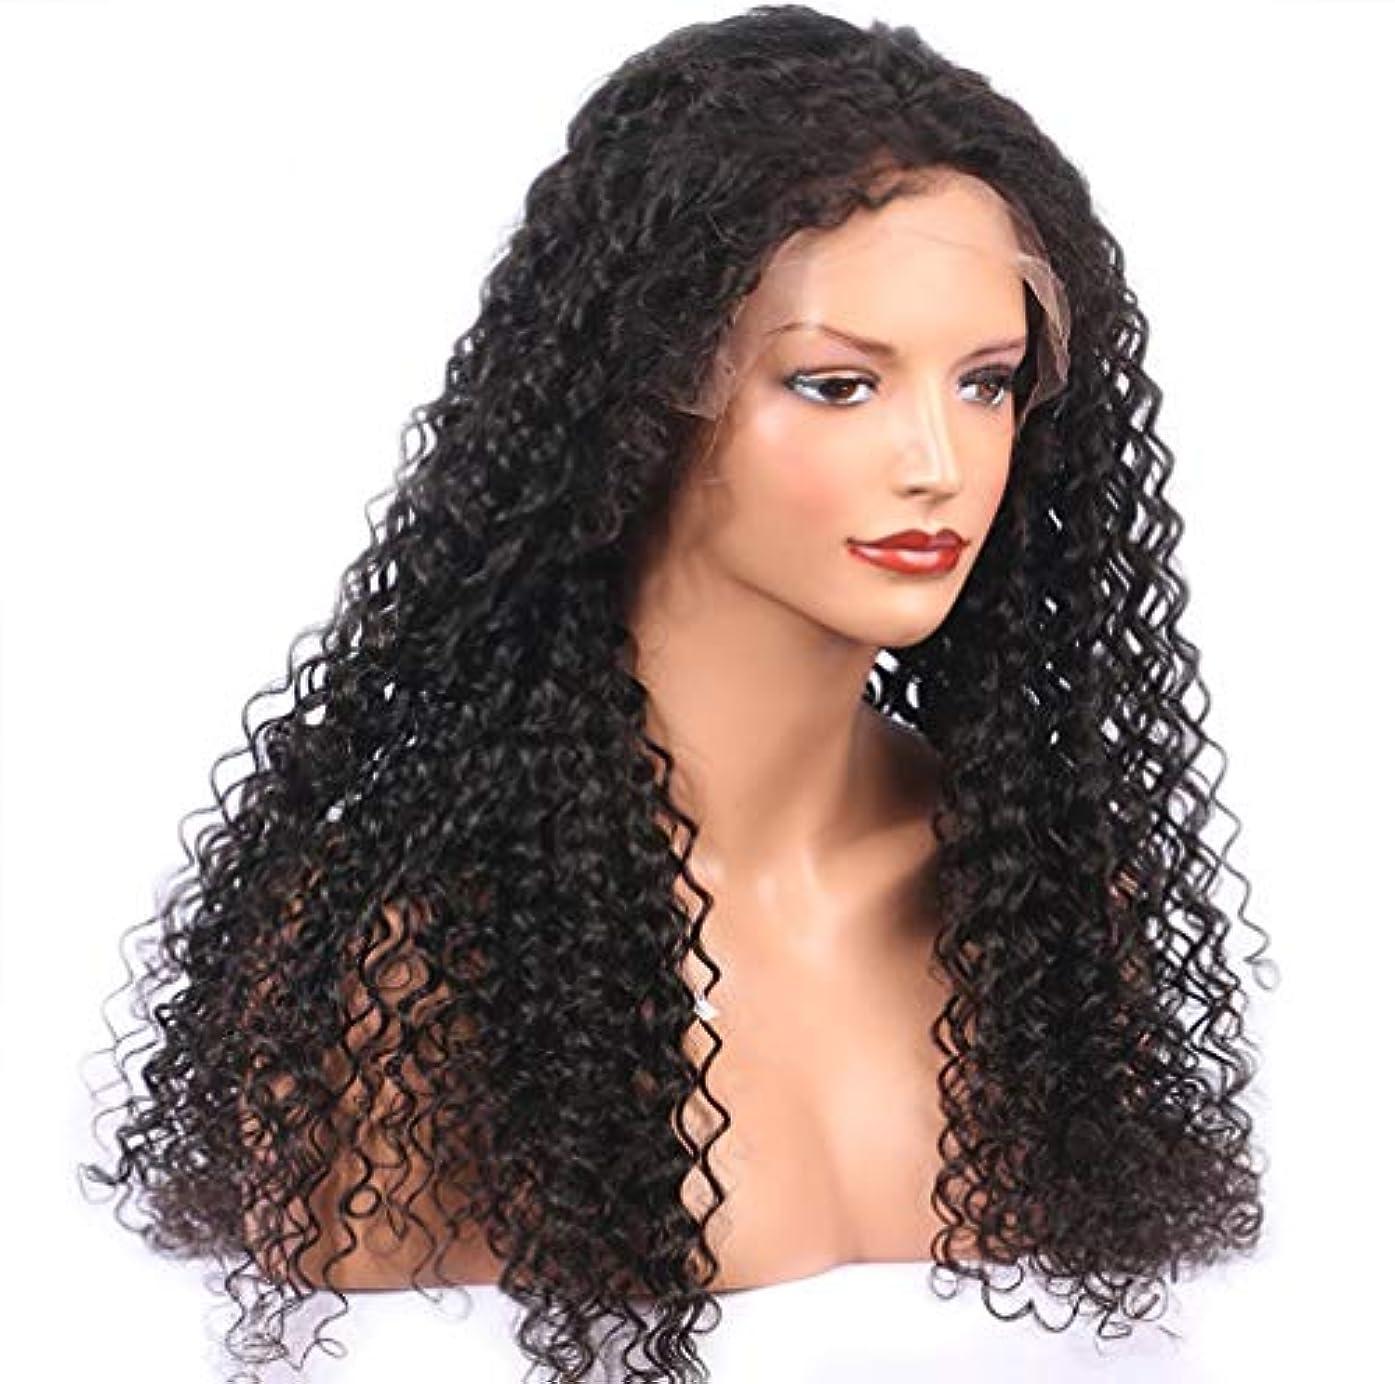 貴重な消去輝く女性フロントレースかつら150%密度合成ブラジルふわふわショート髪波状カーリー合成繊維かつら